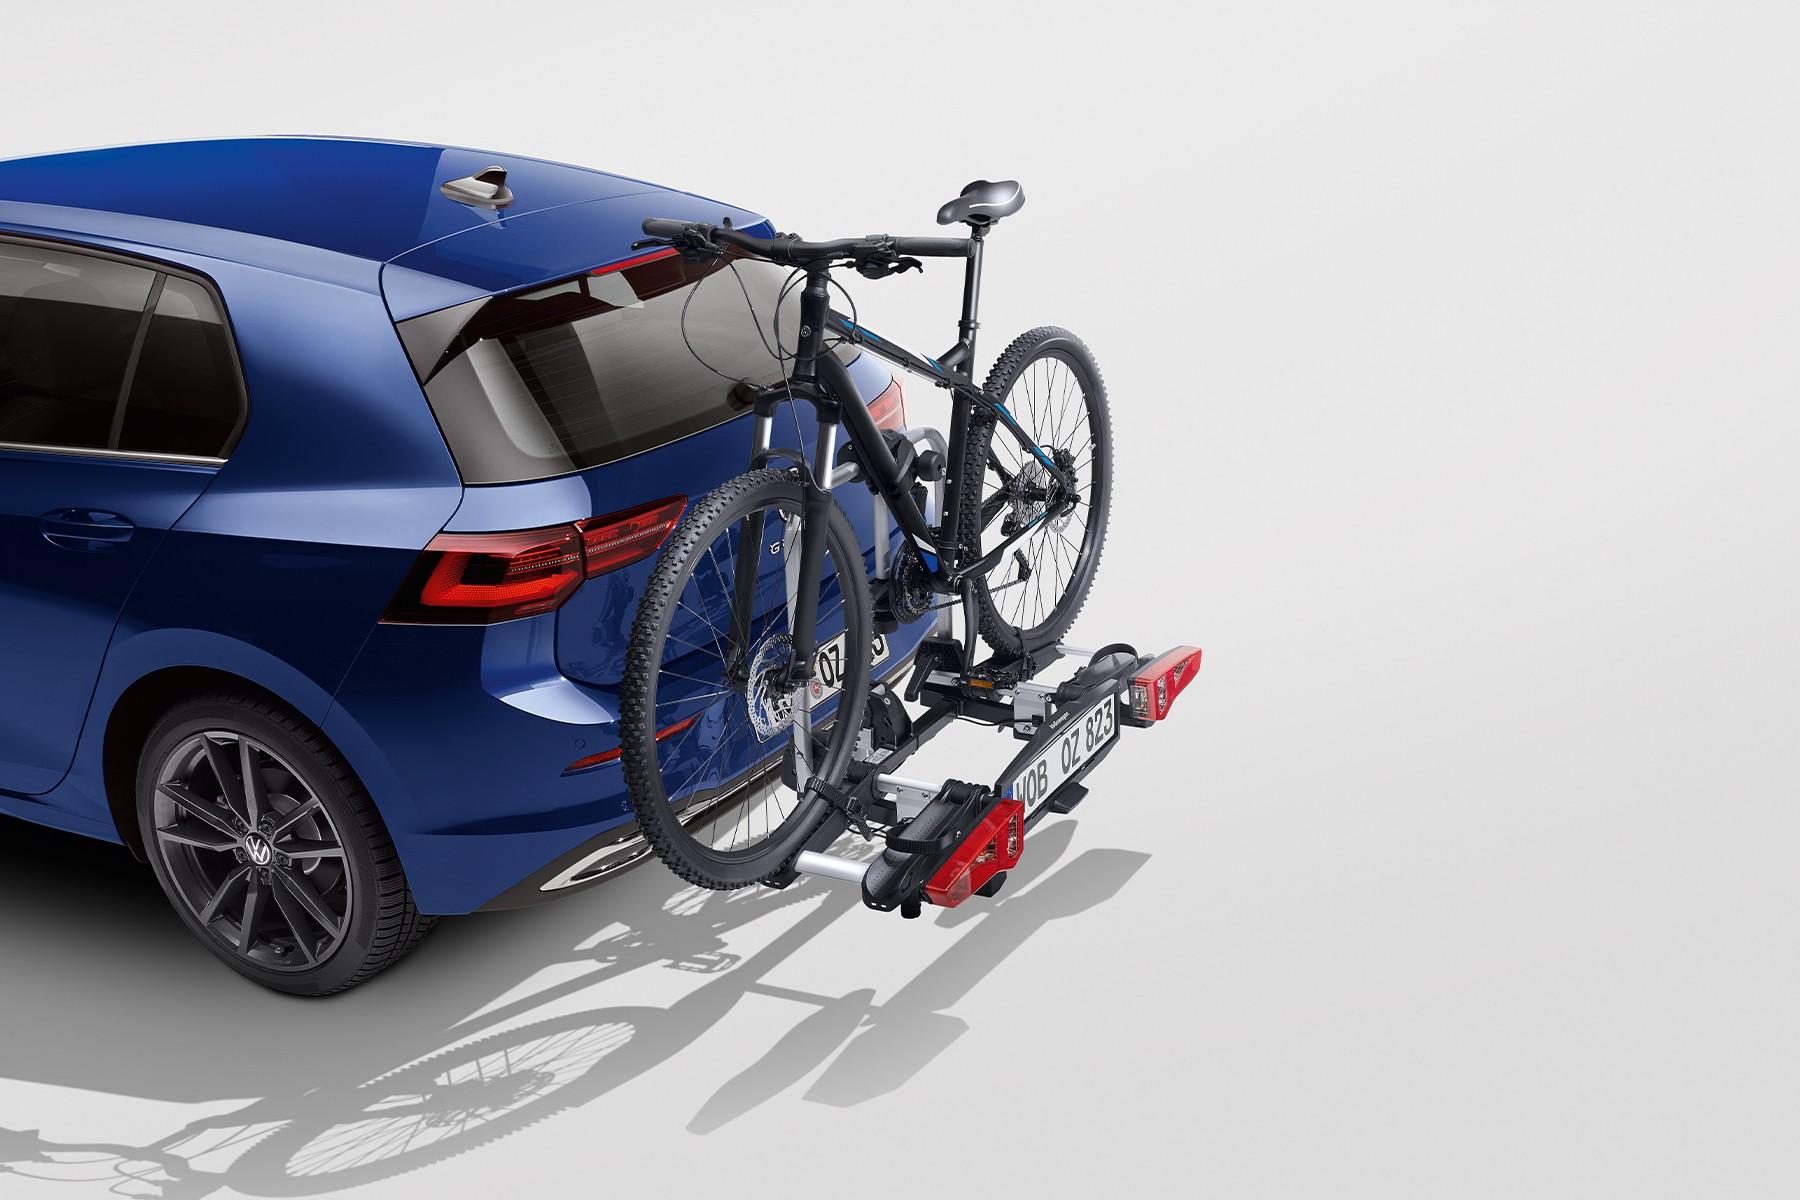 Bagażnik rowerowy Premium montowany na haku holowniczym, 2 rowery